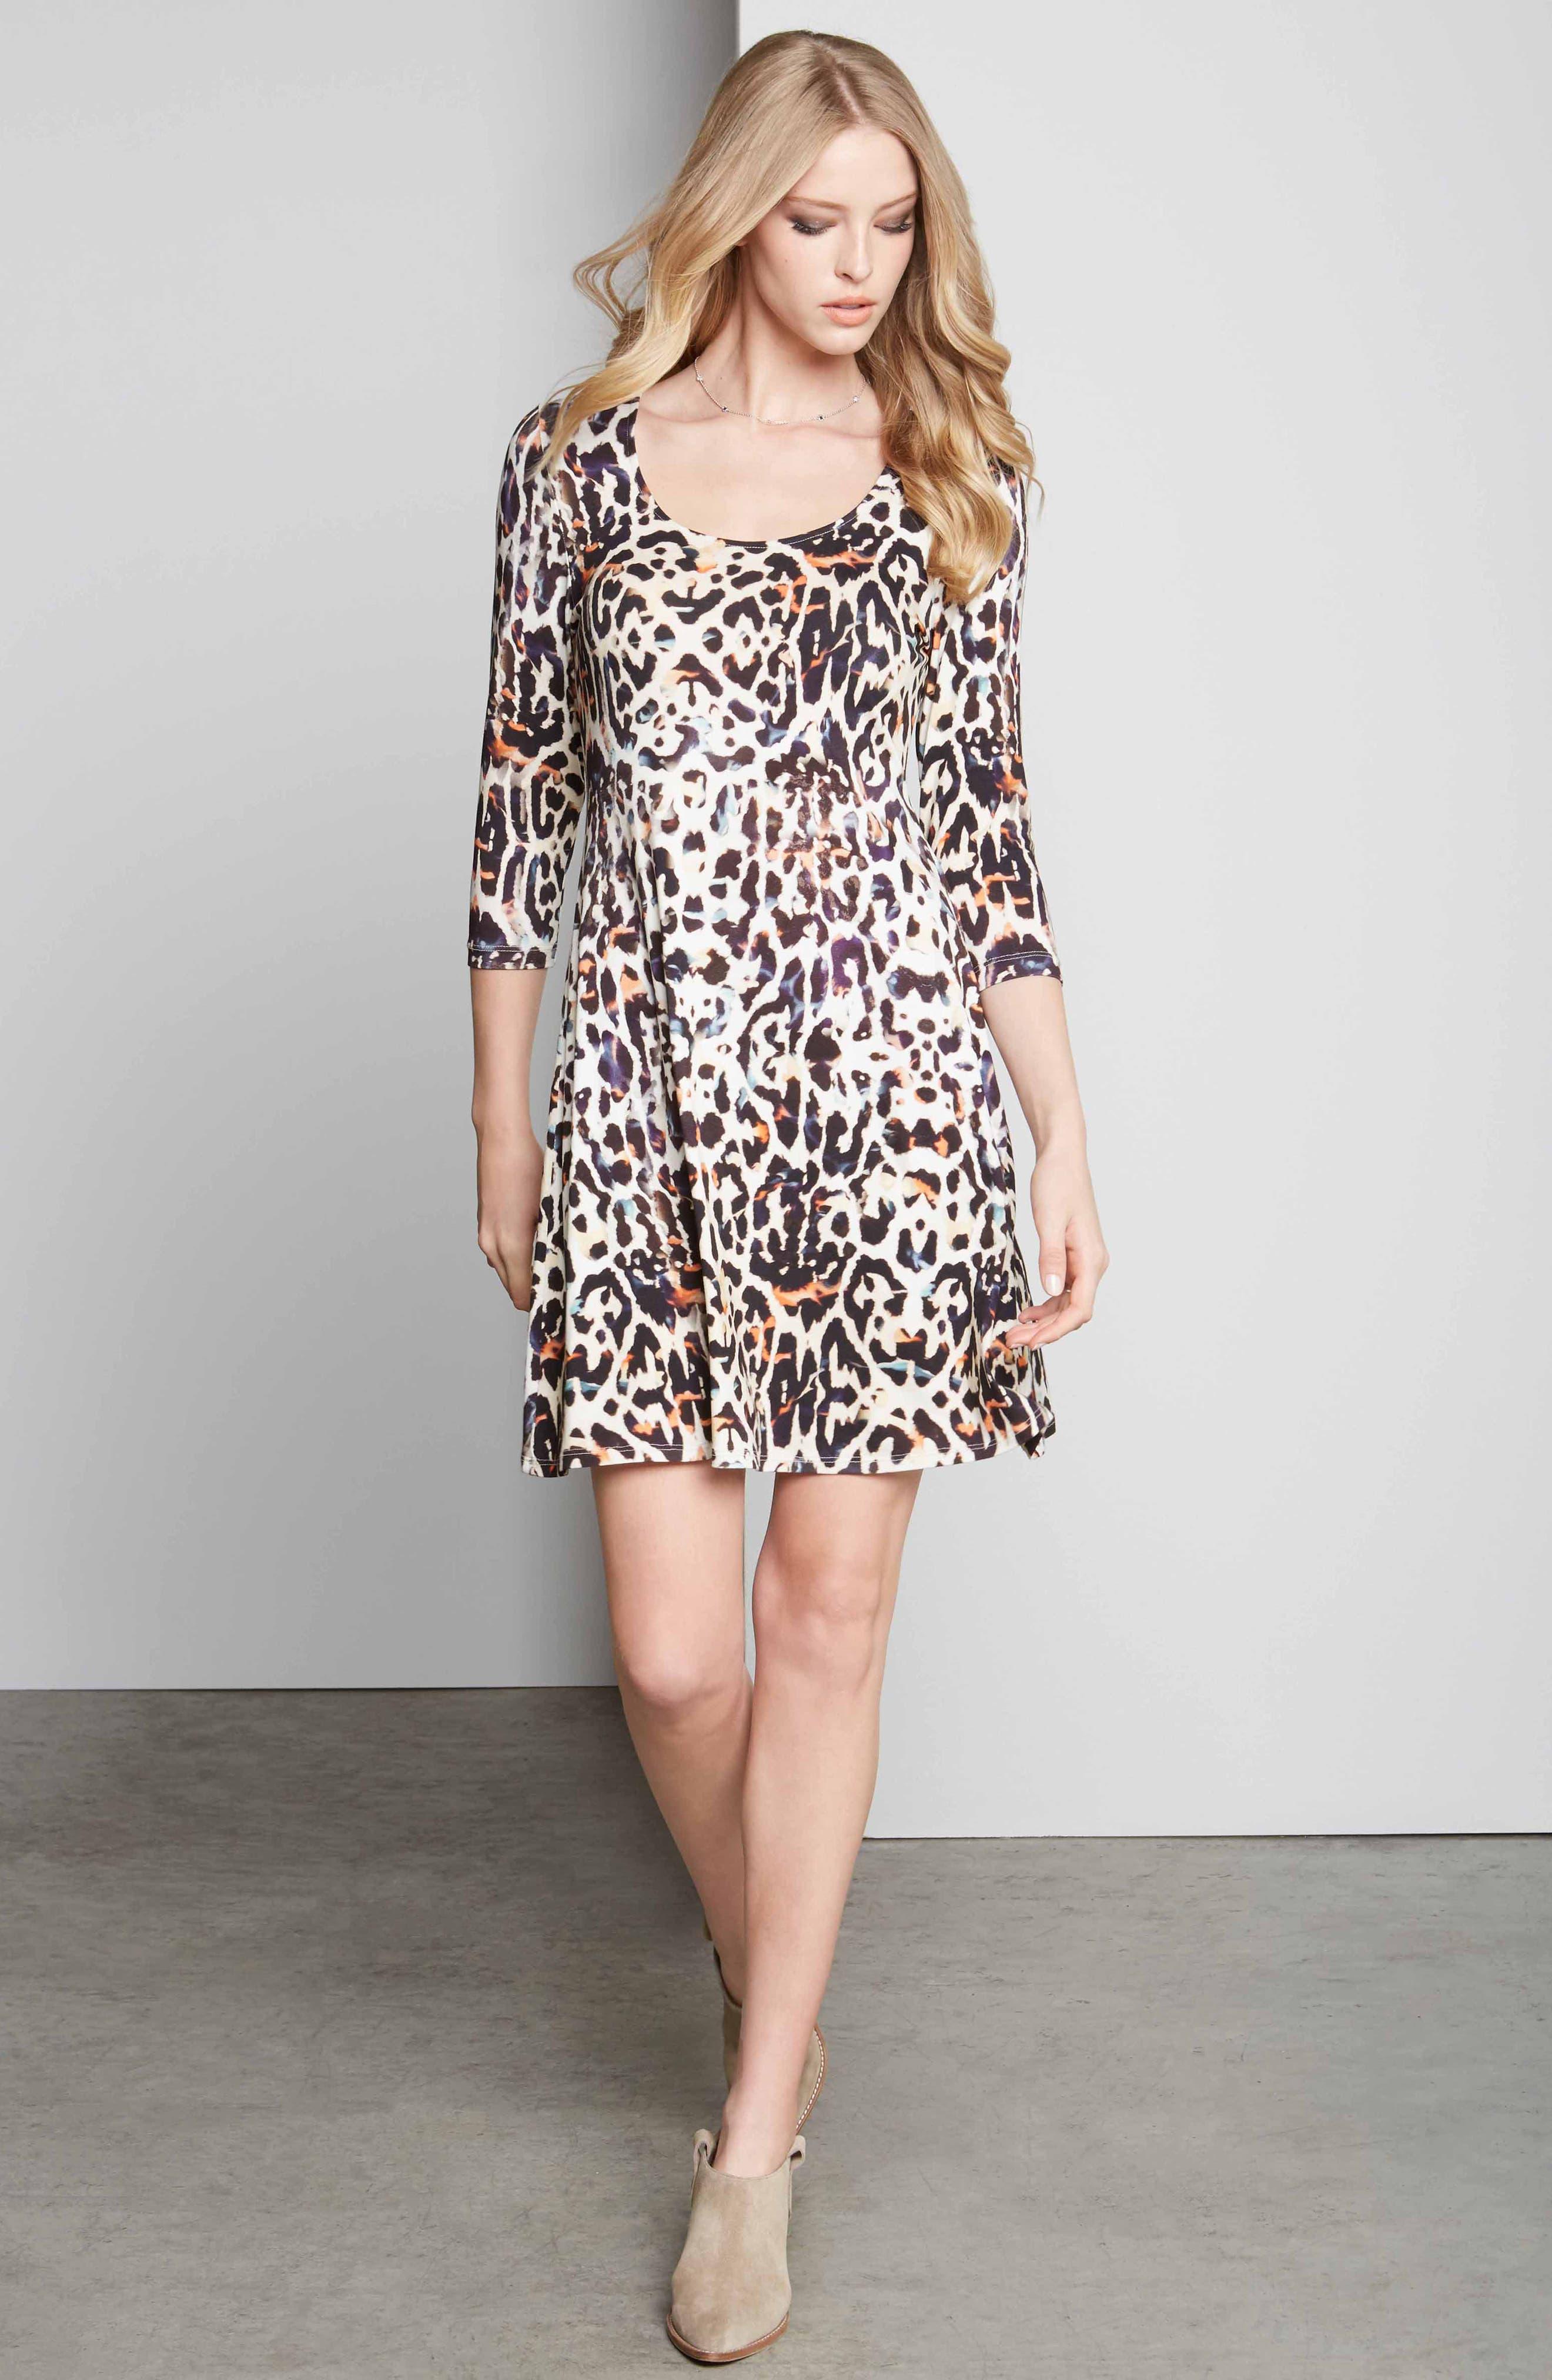 Leopard Print A-Line Dress,                             Alternate thumbnail 5, color,                             280